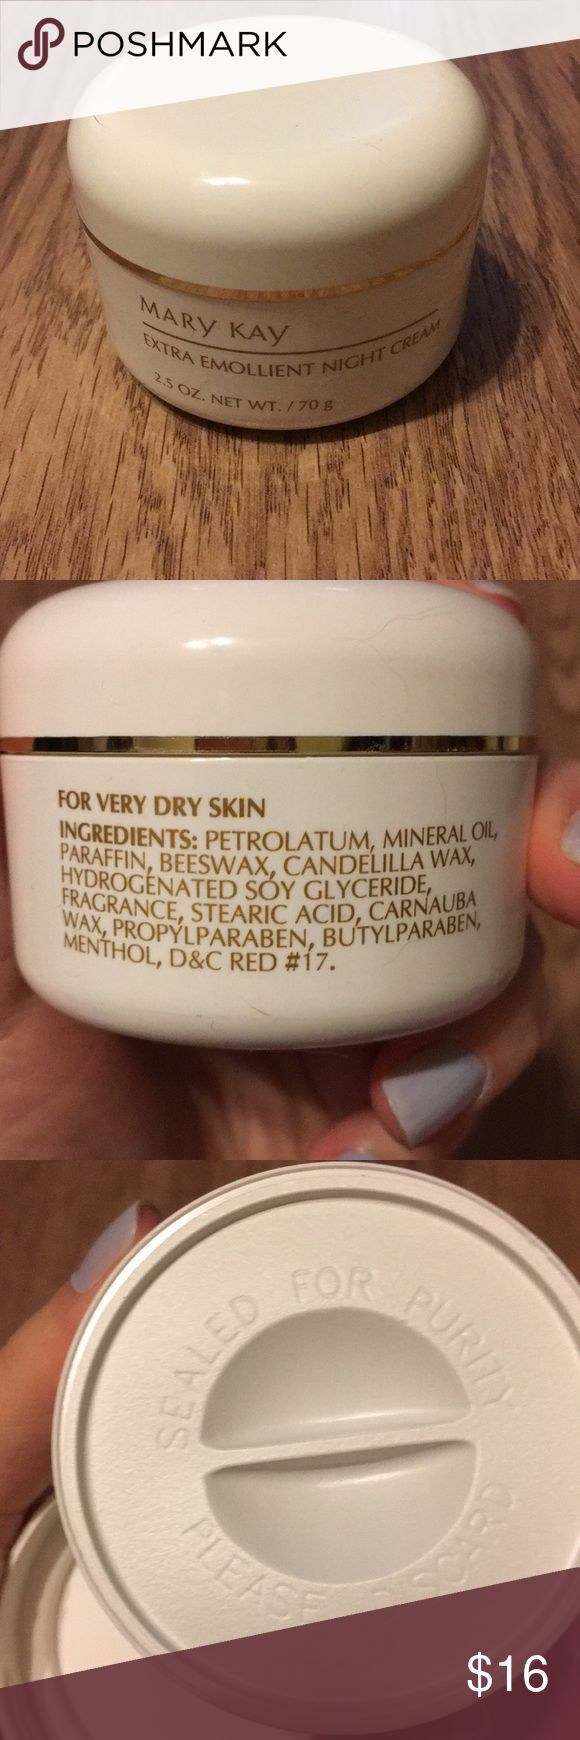 Mary Kay extra emollient night cream Mary Kay extra emollient night cream, brand new still sealed Mary Kay Makeup